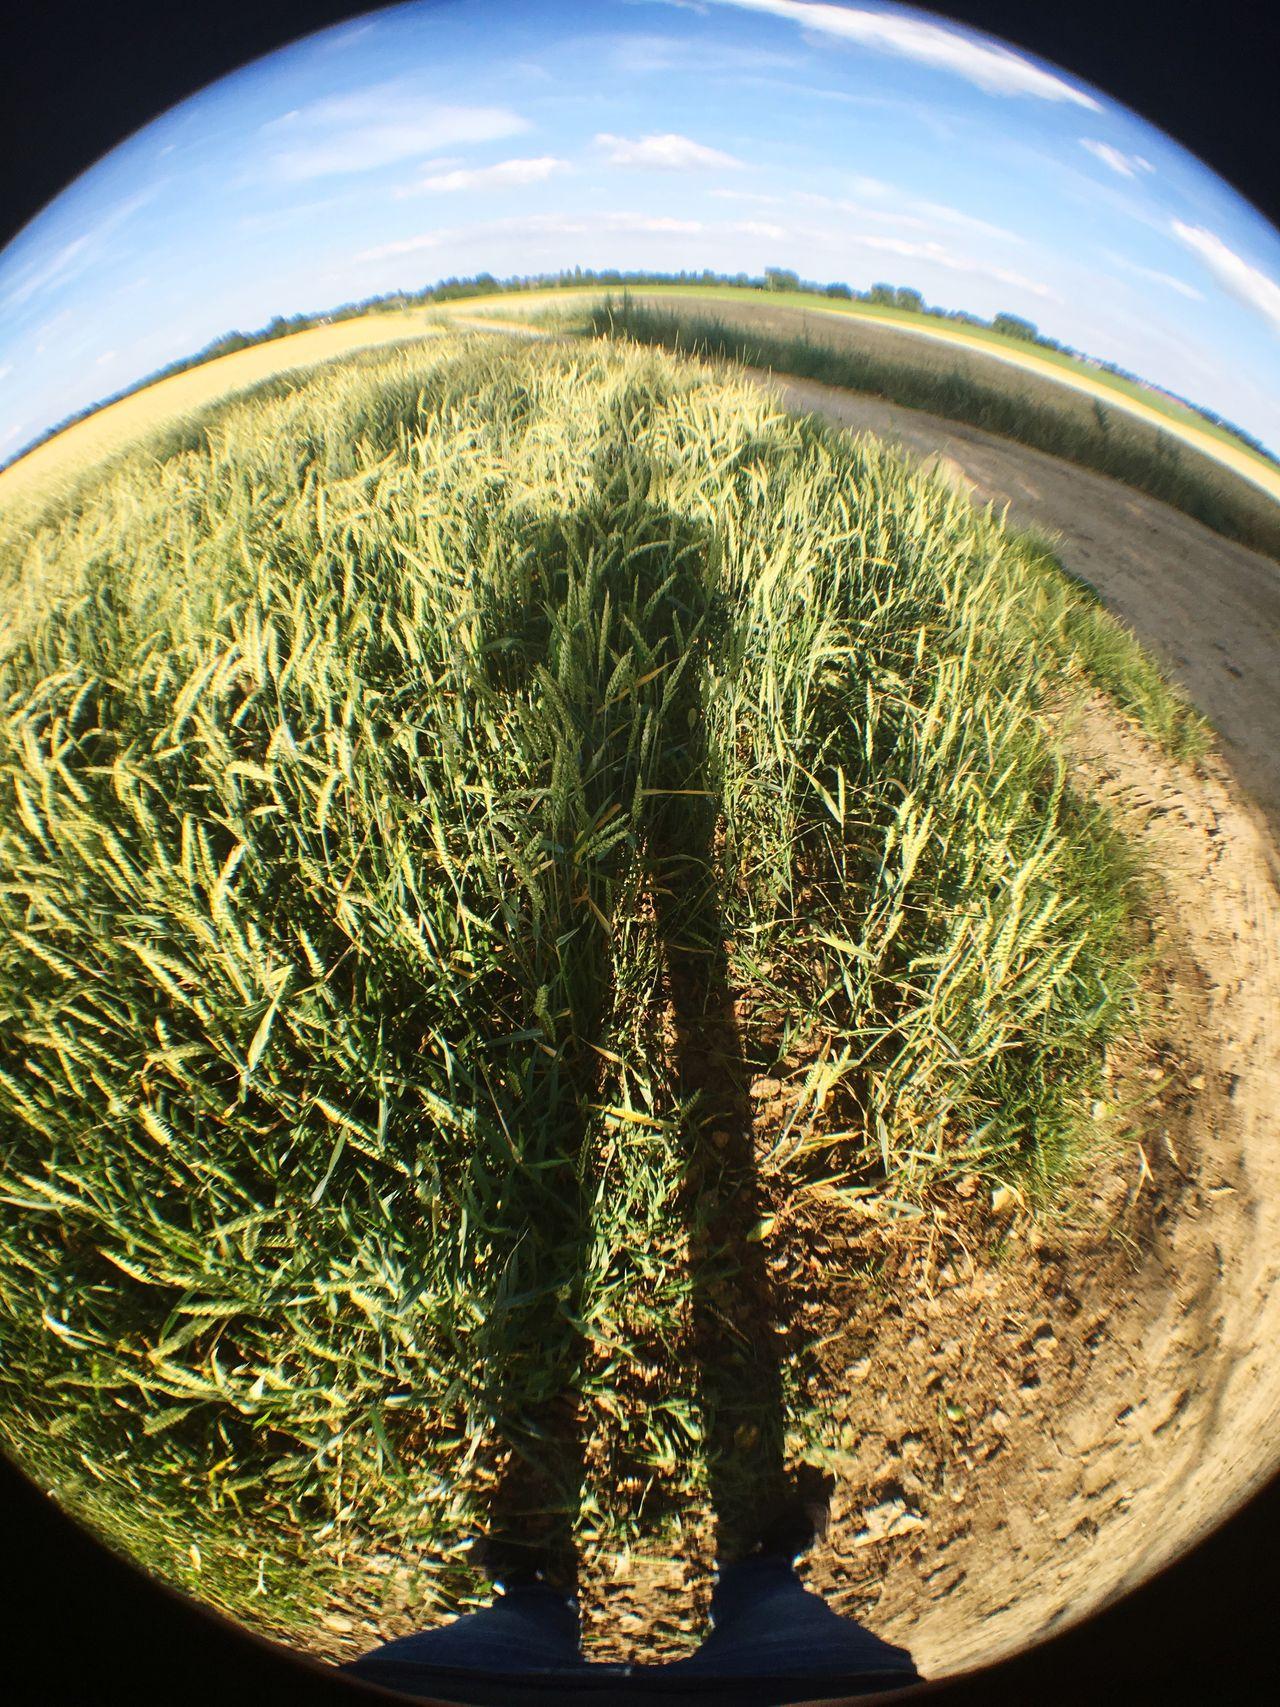 Fisheye Shadow Grain Field Sunny Blue Sky